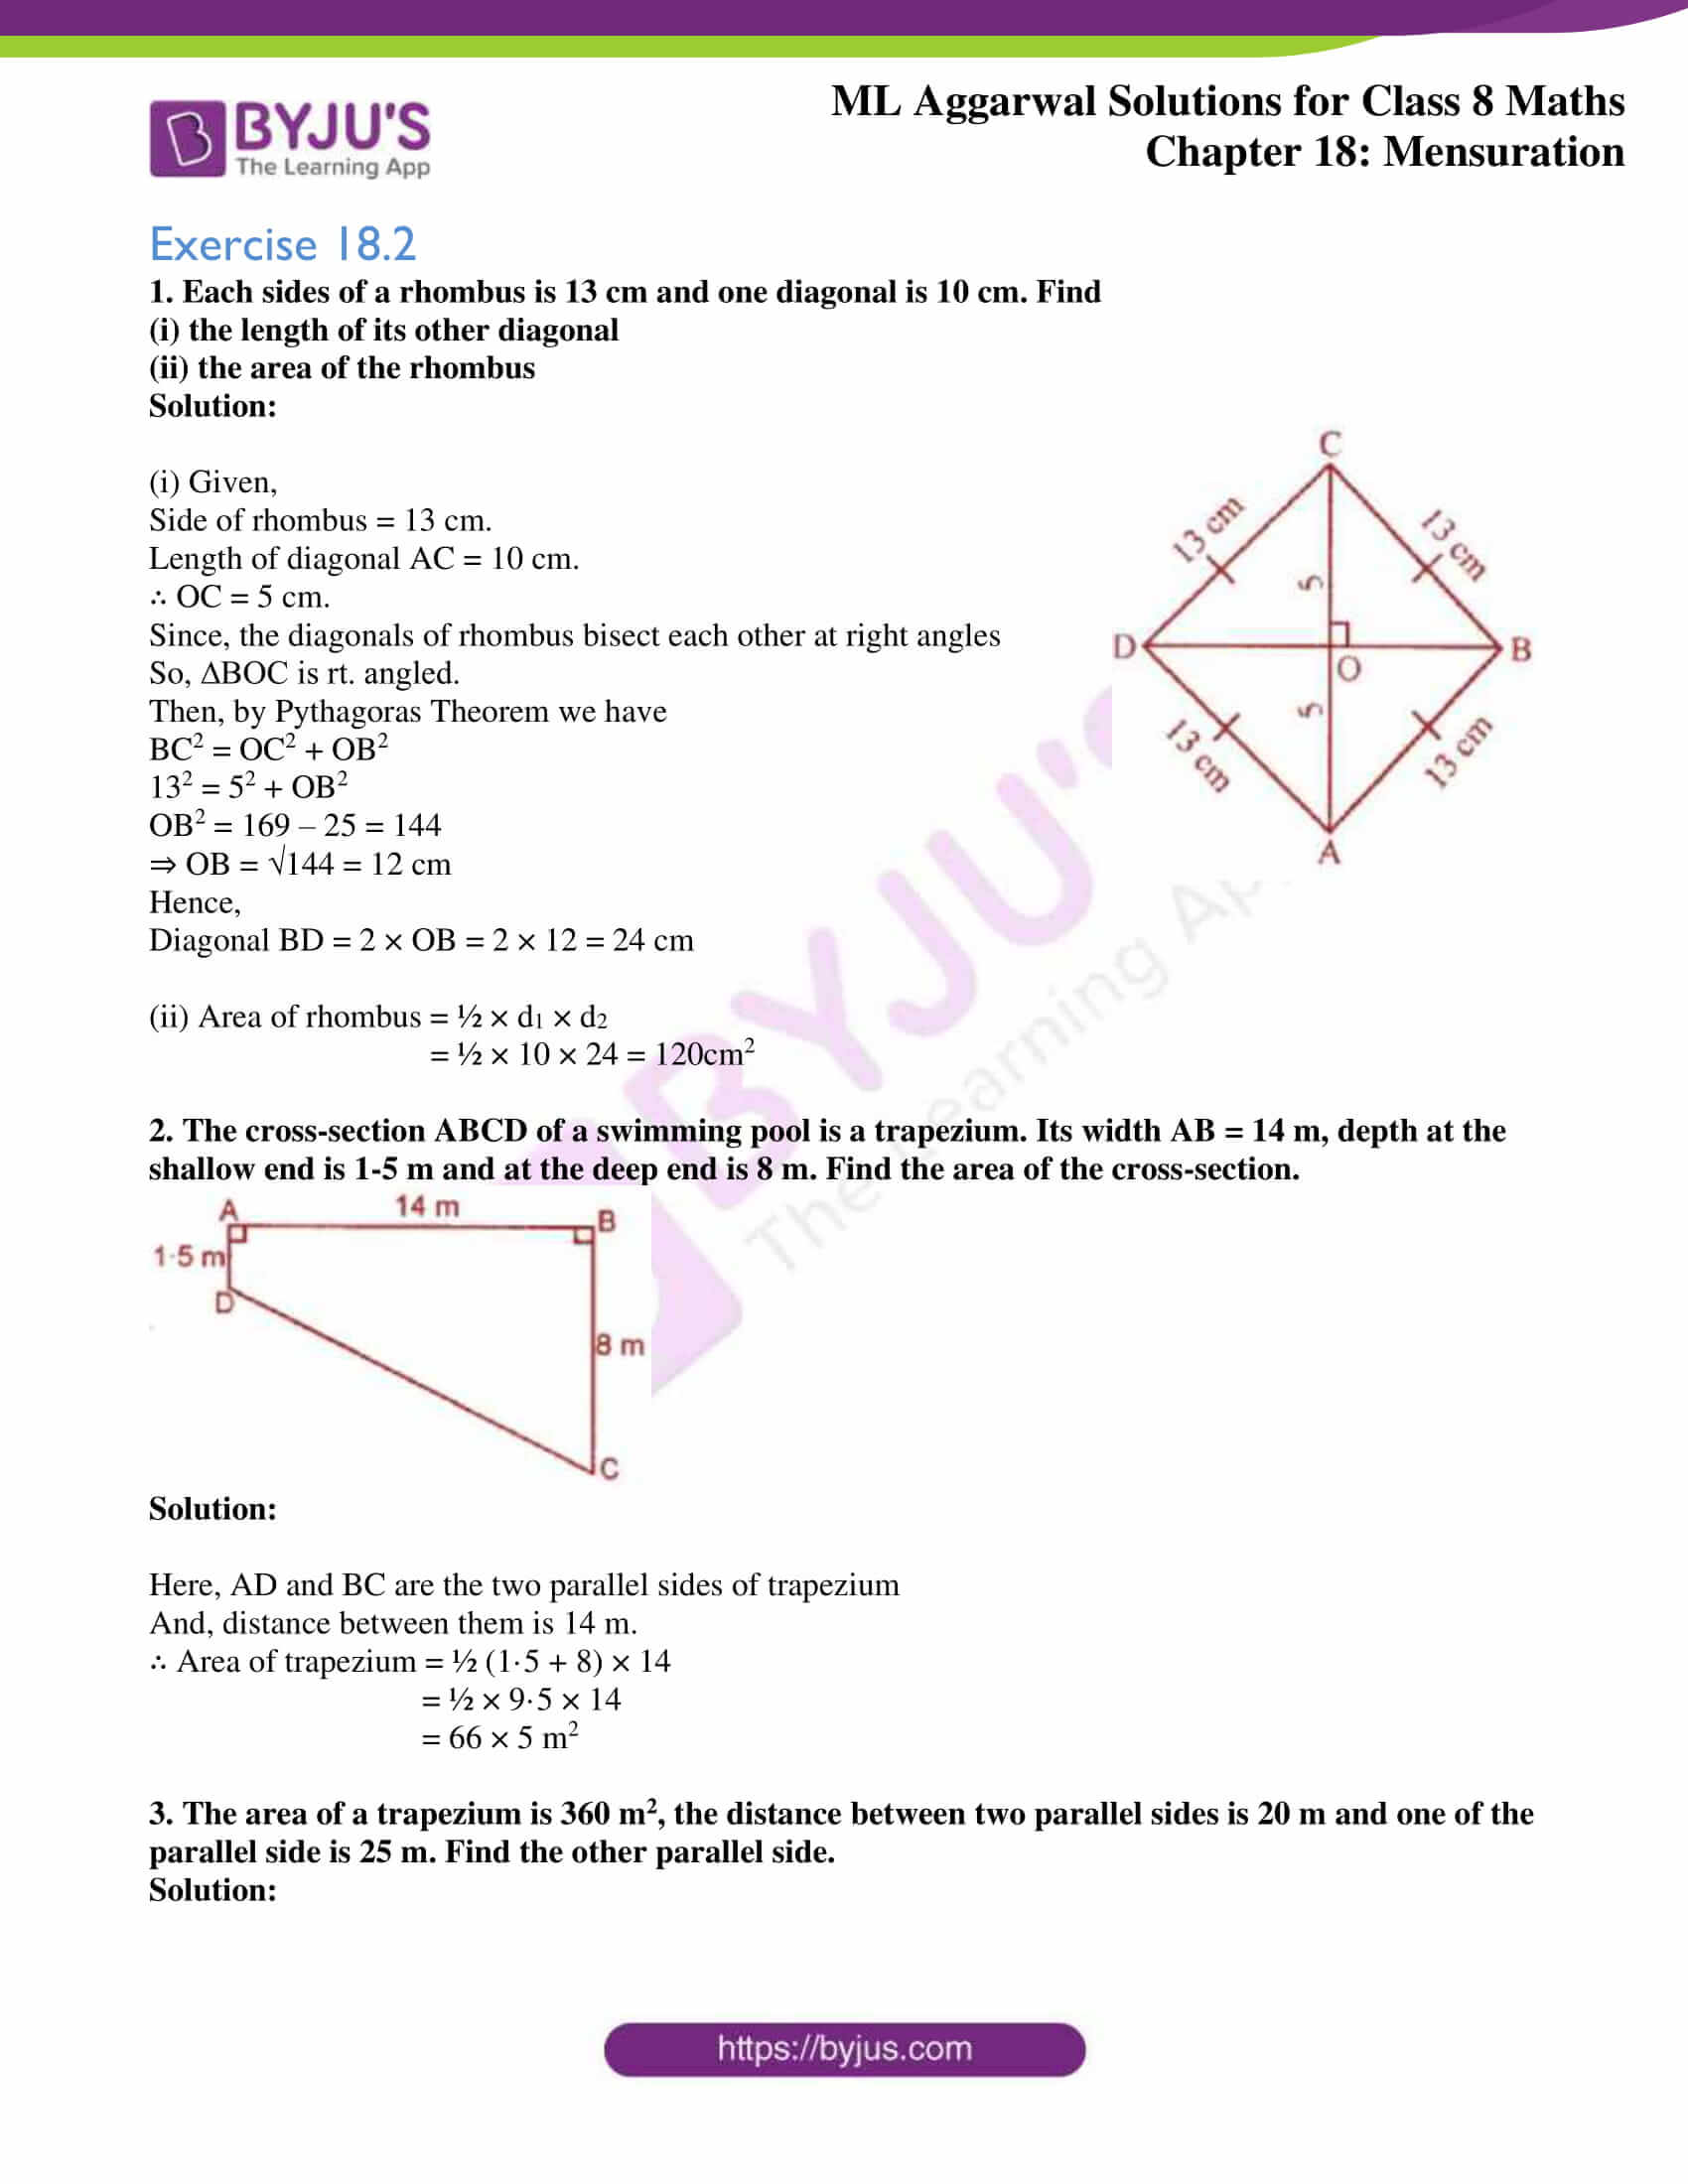 ml aggarwal sol mathematics class 8 ch 18 08